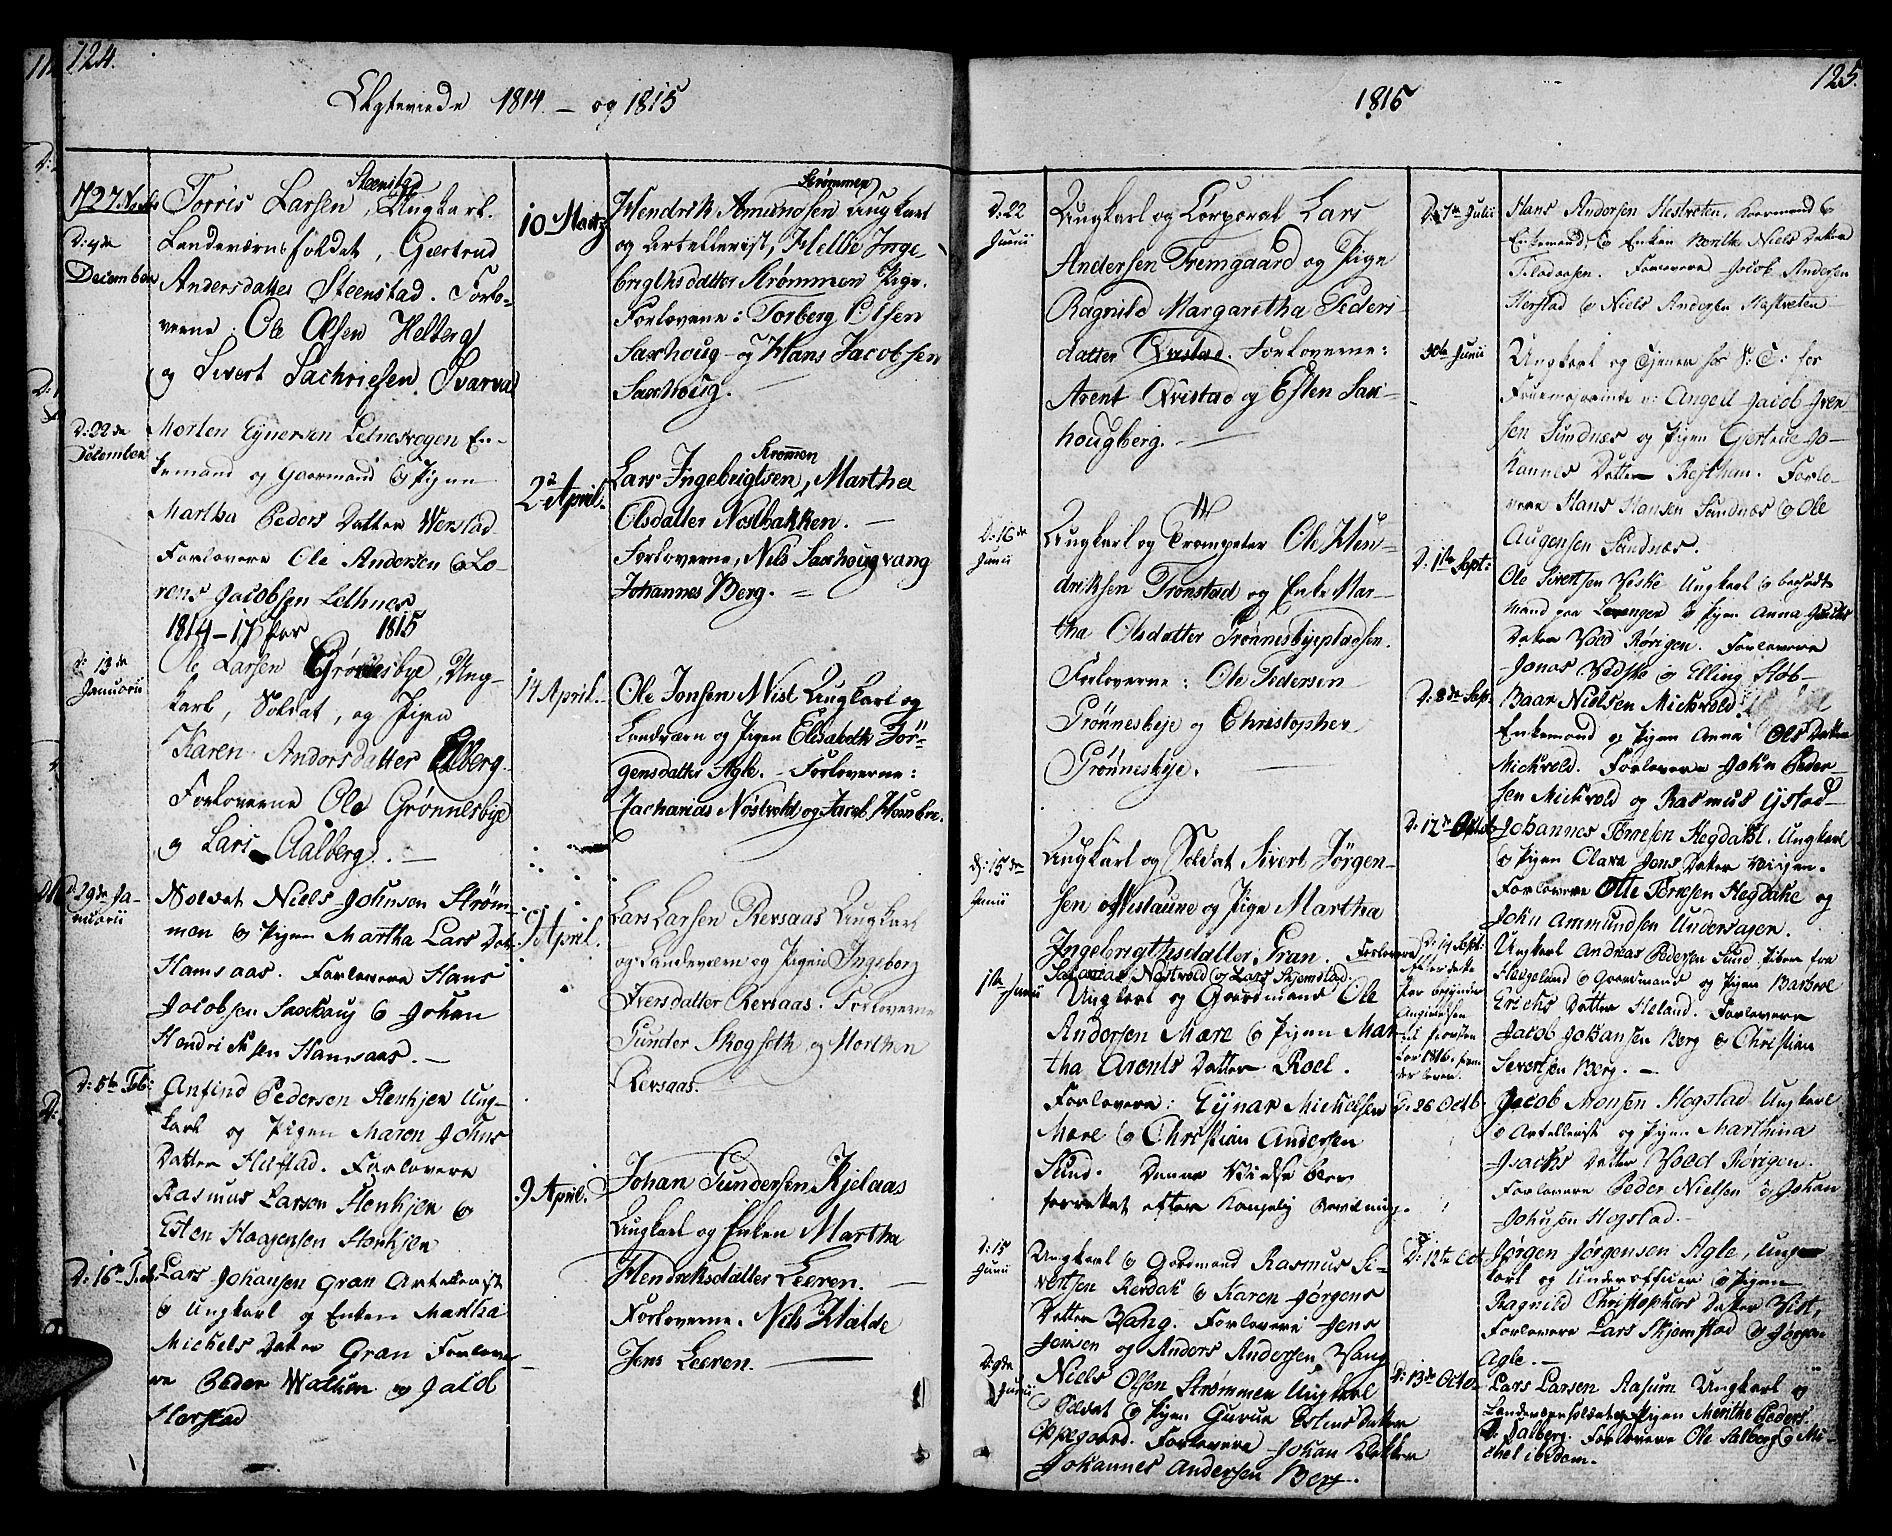 SAT, Ministerialprotokoller, klokkerbøker og fødselsregistre - Nord-Trøndelag, 730/L0274: Ministerialbok nr. 730A03, 1802-1816, s. 124-125